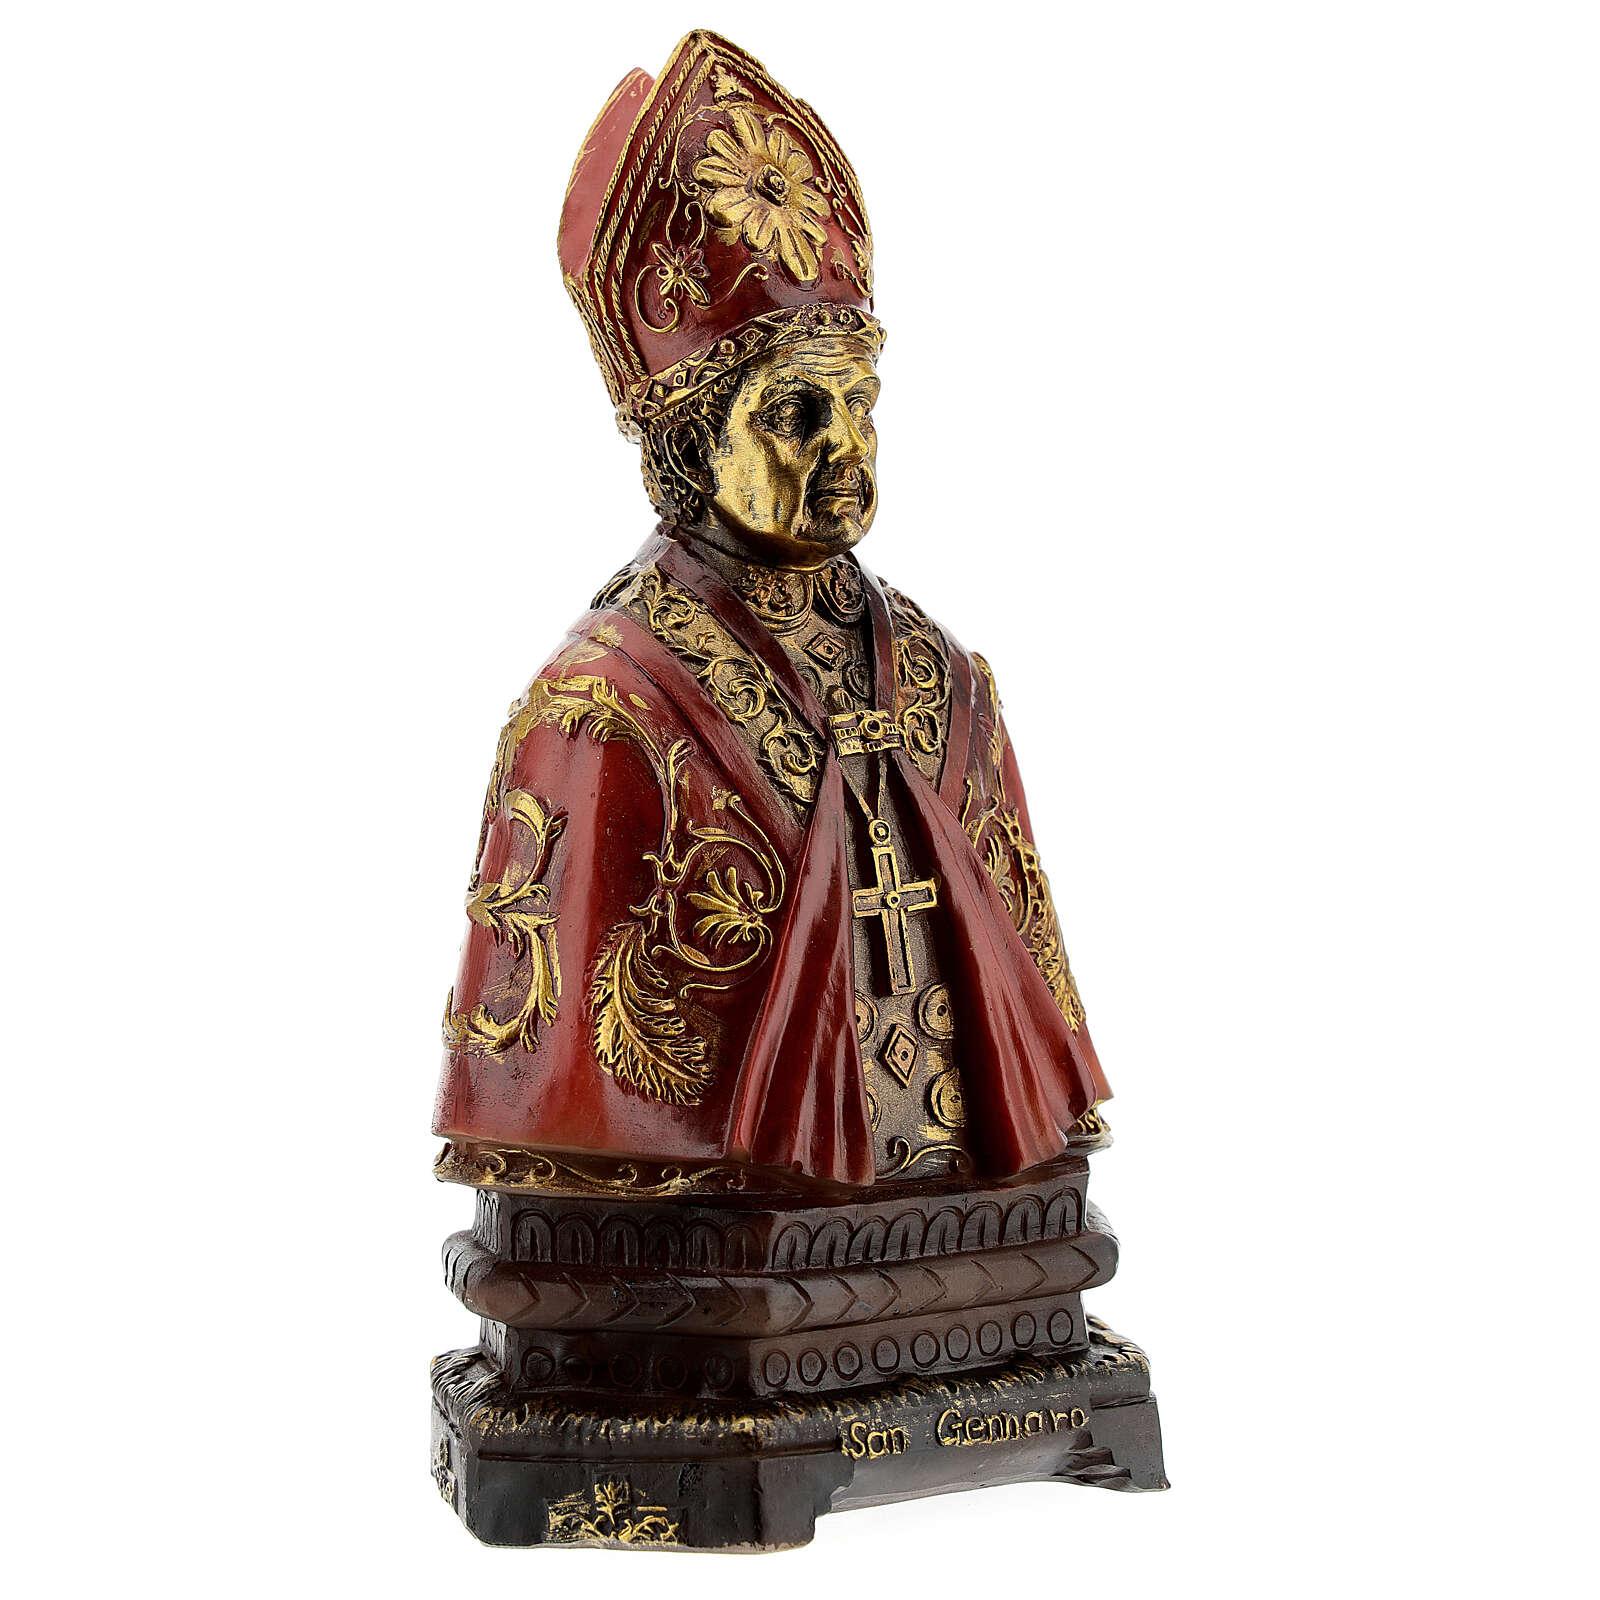 St. Januarius bust resin golden details 14 cm 4